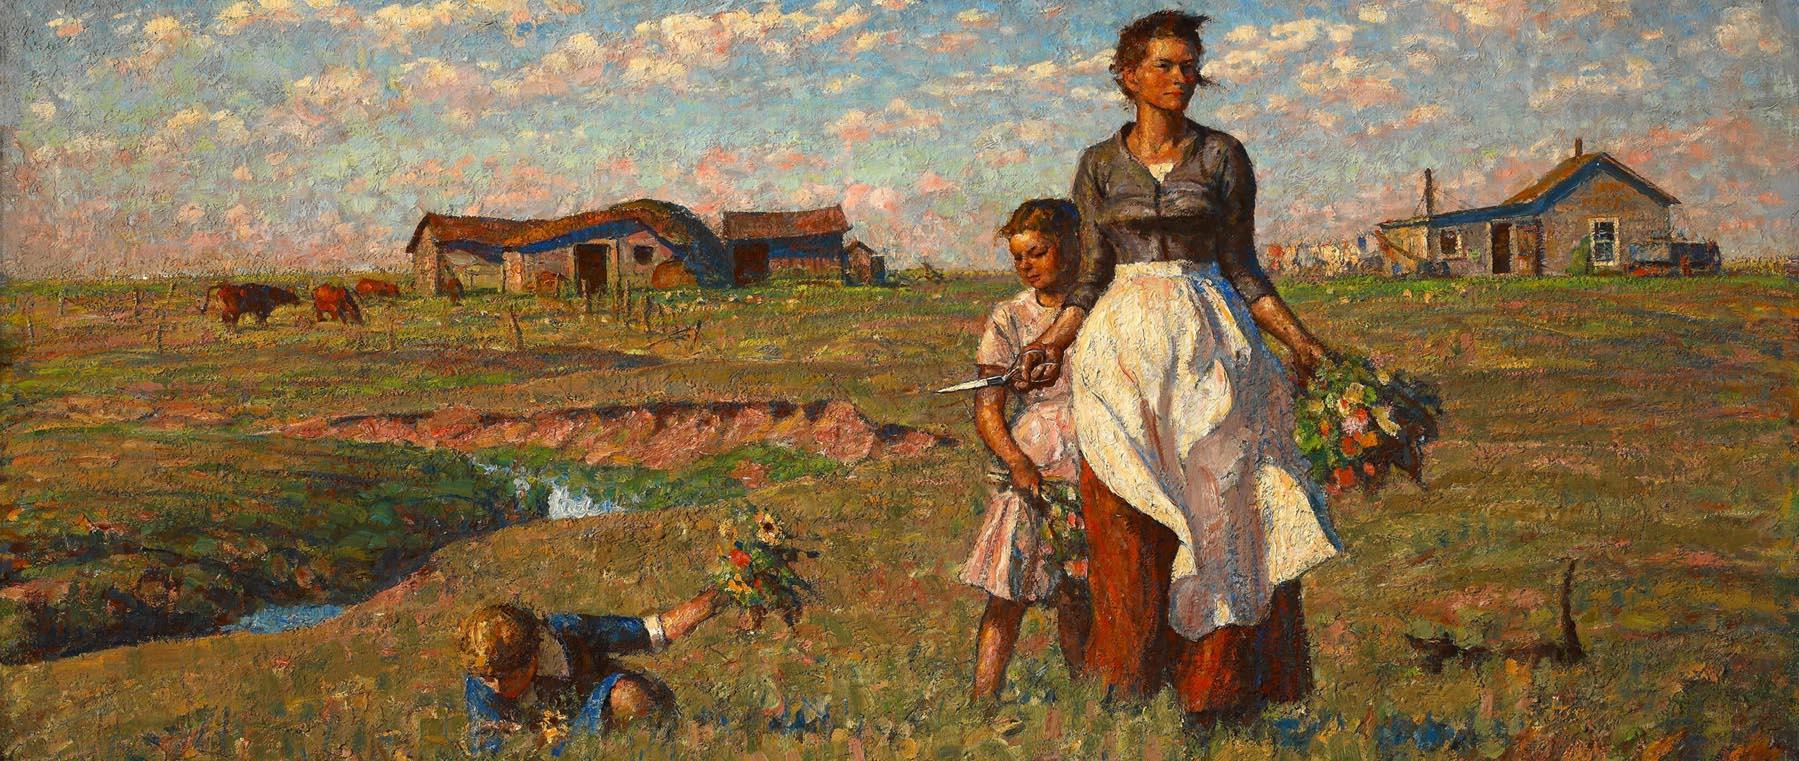 Harvey Dunn The Prairie is My Garden